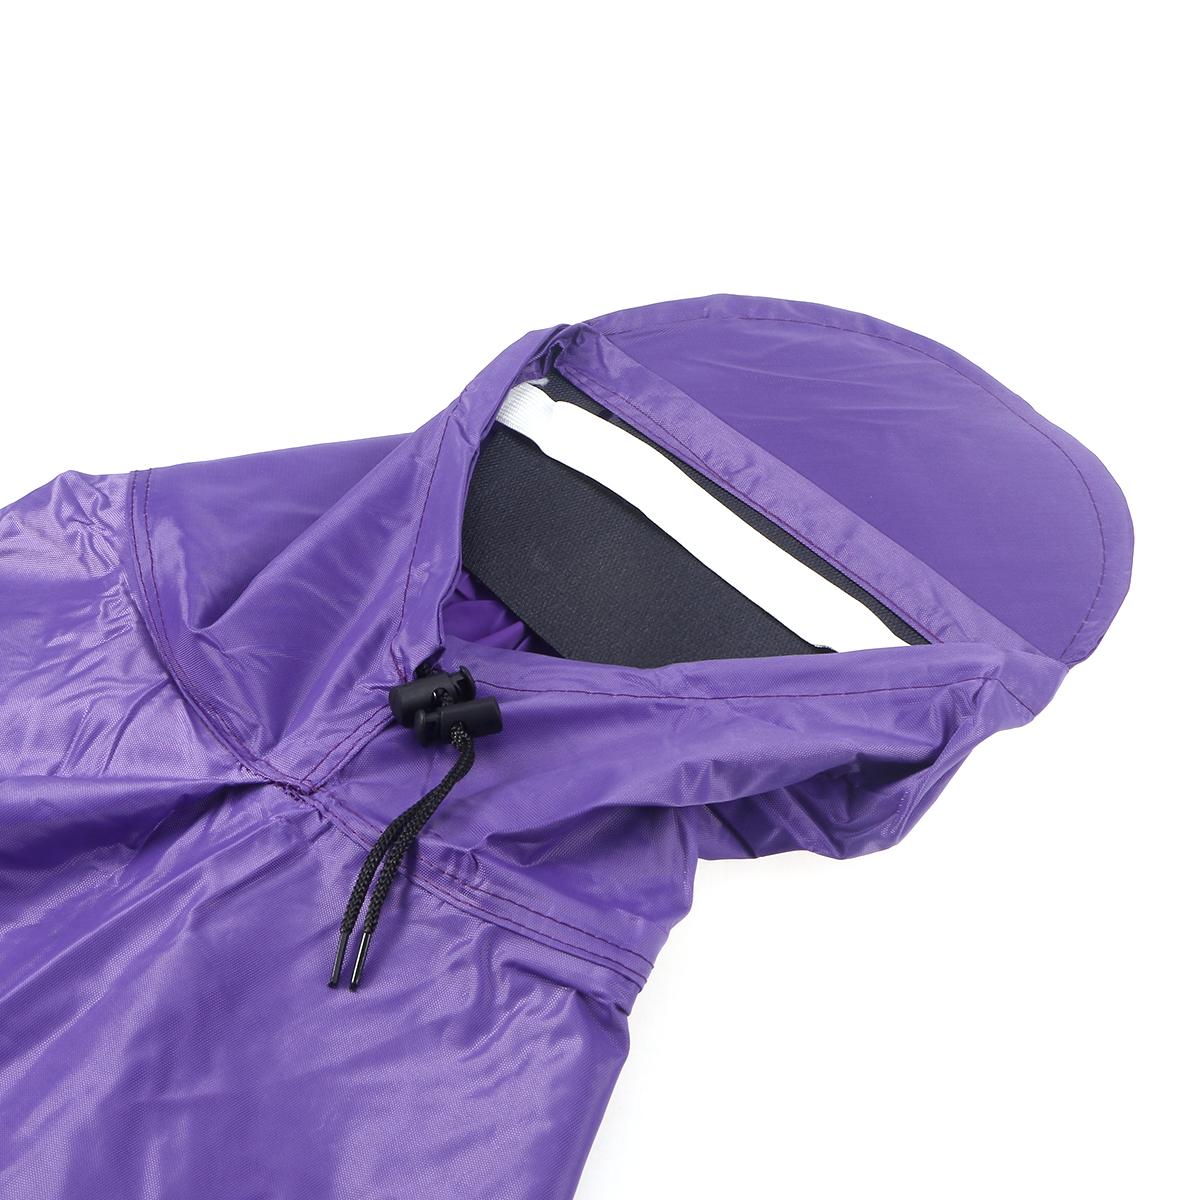 Bike Bicycle Motor Raincoat Windproof Waterproof Raincoat Cycling Poncho Women Men Rain Coats Portable Coats For Climbing Hiking